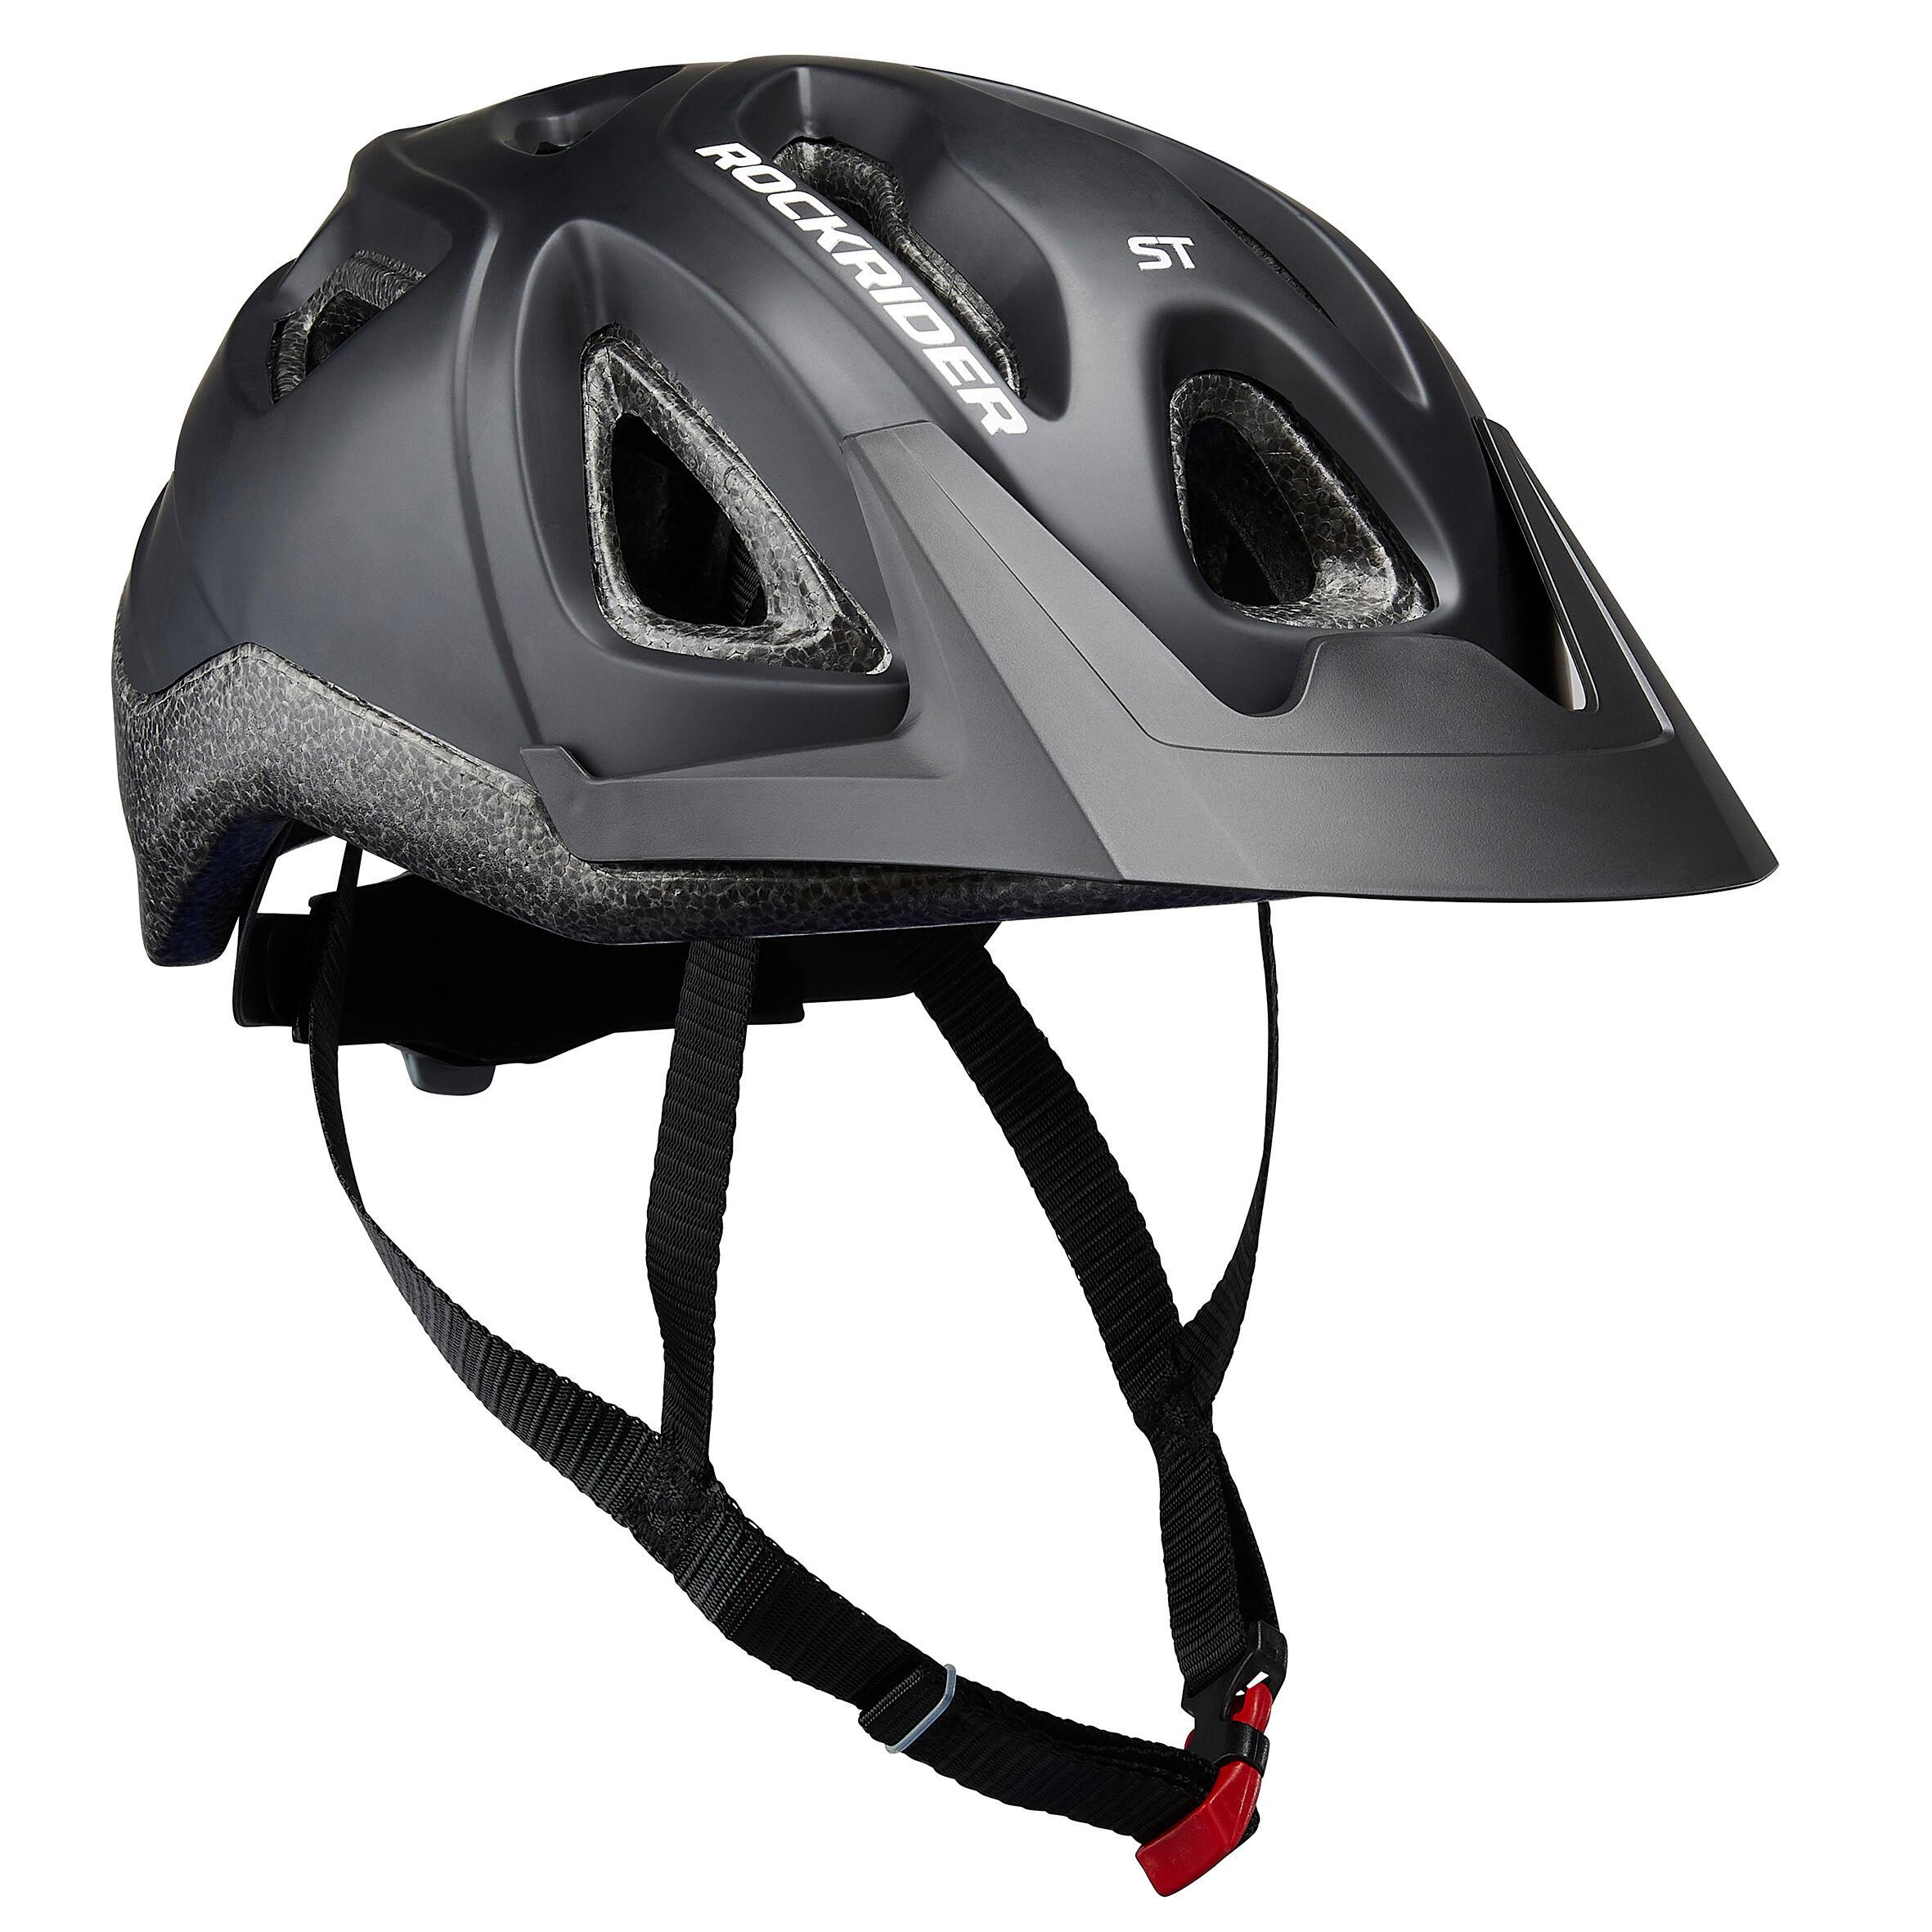 Cască ciclism MTB ST 100 Negru imagine